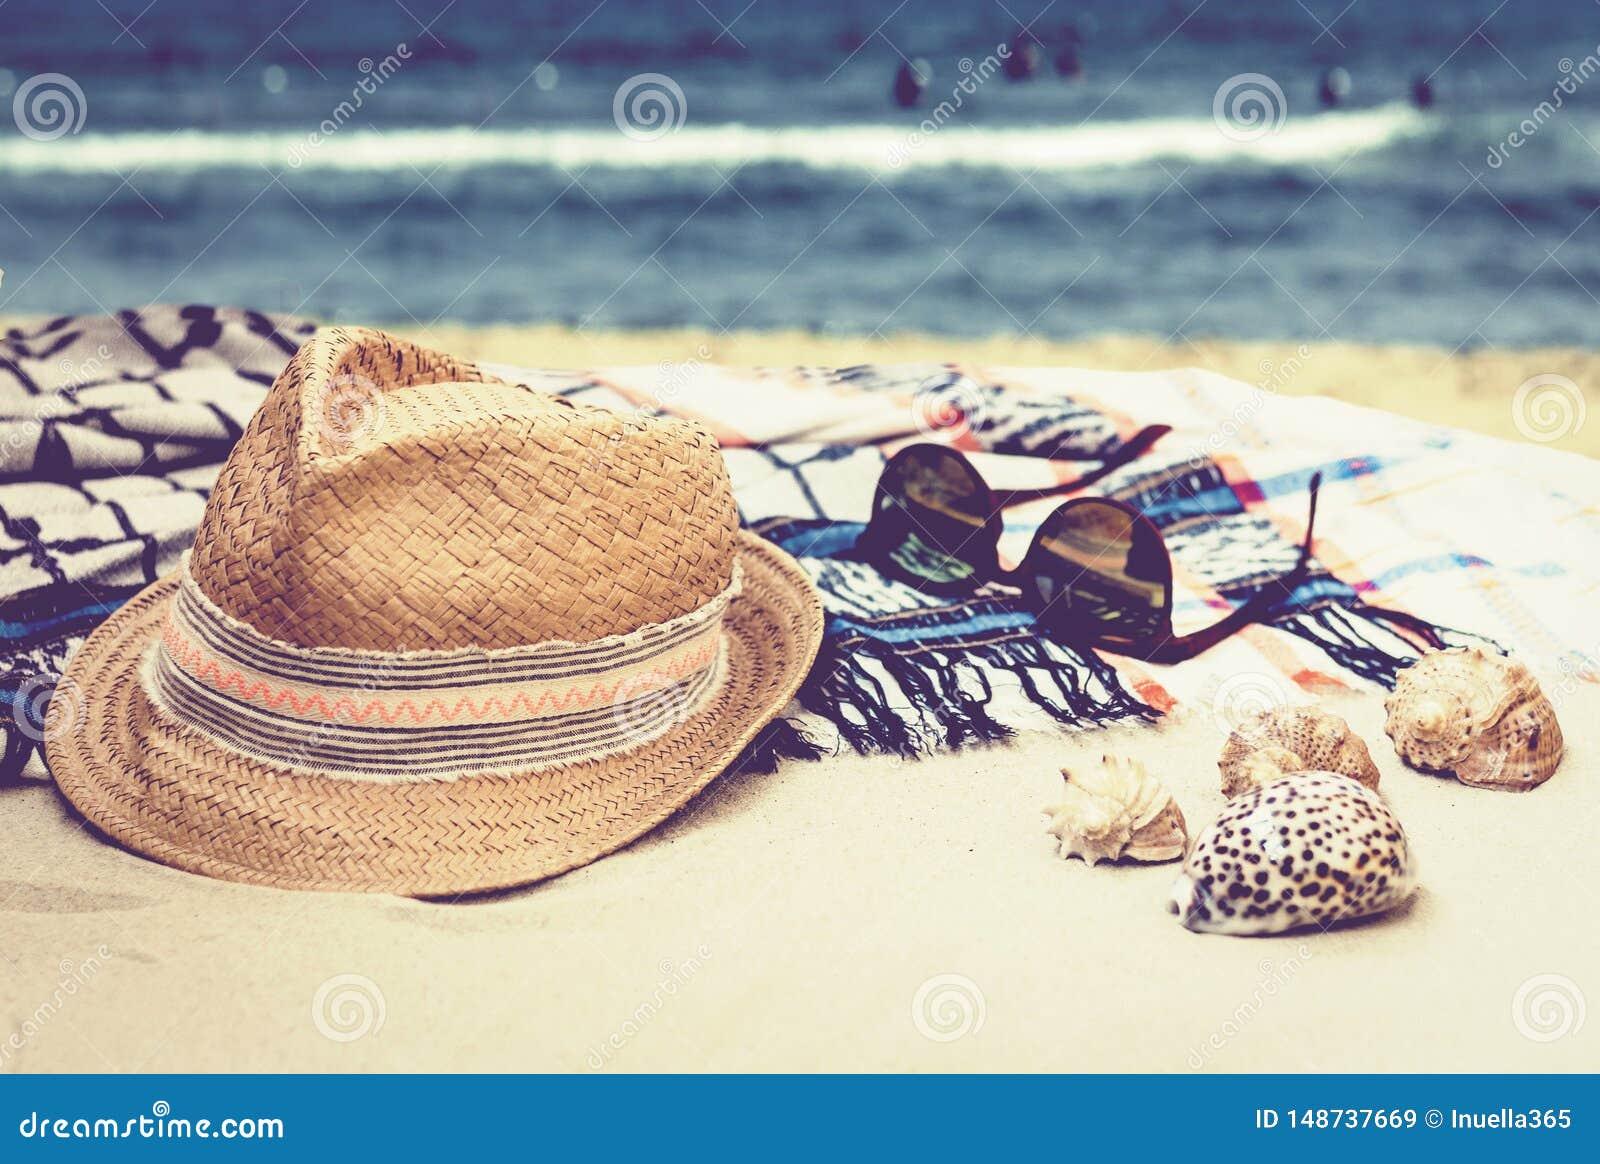 Καπέλο αχύρου, γυαλιά ήλιων και κάλυψη-επάνω στο beachwear περικάλυμμα σε μια τροπική παραλία με τα κοχύλια θάλασσας